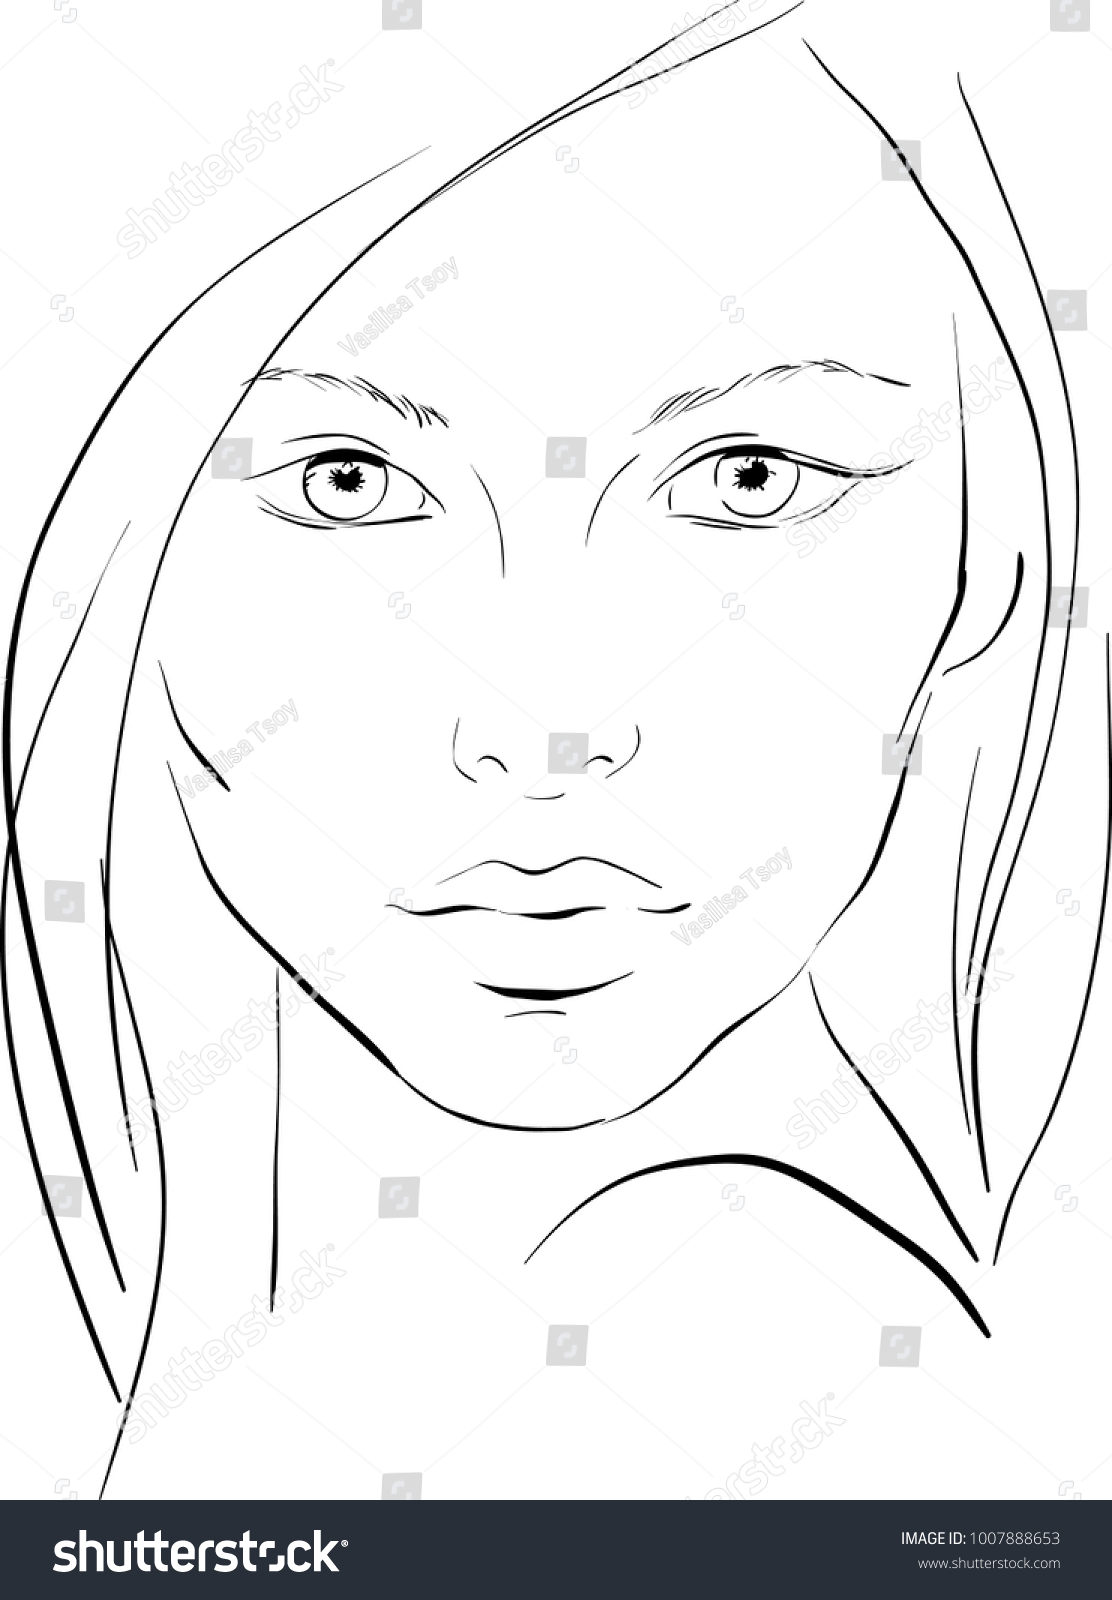 Face Chart Makeup Artist Blank Template Image Vectorielle De Stock